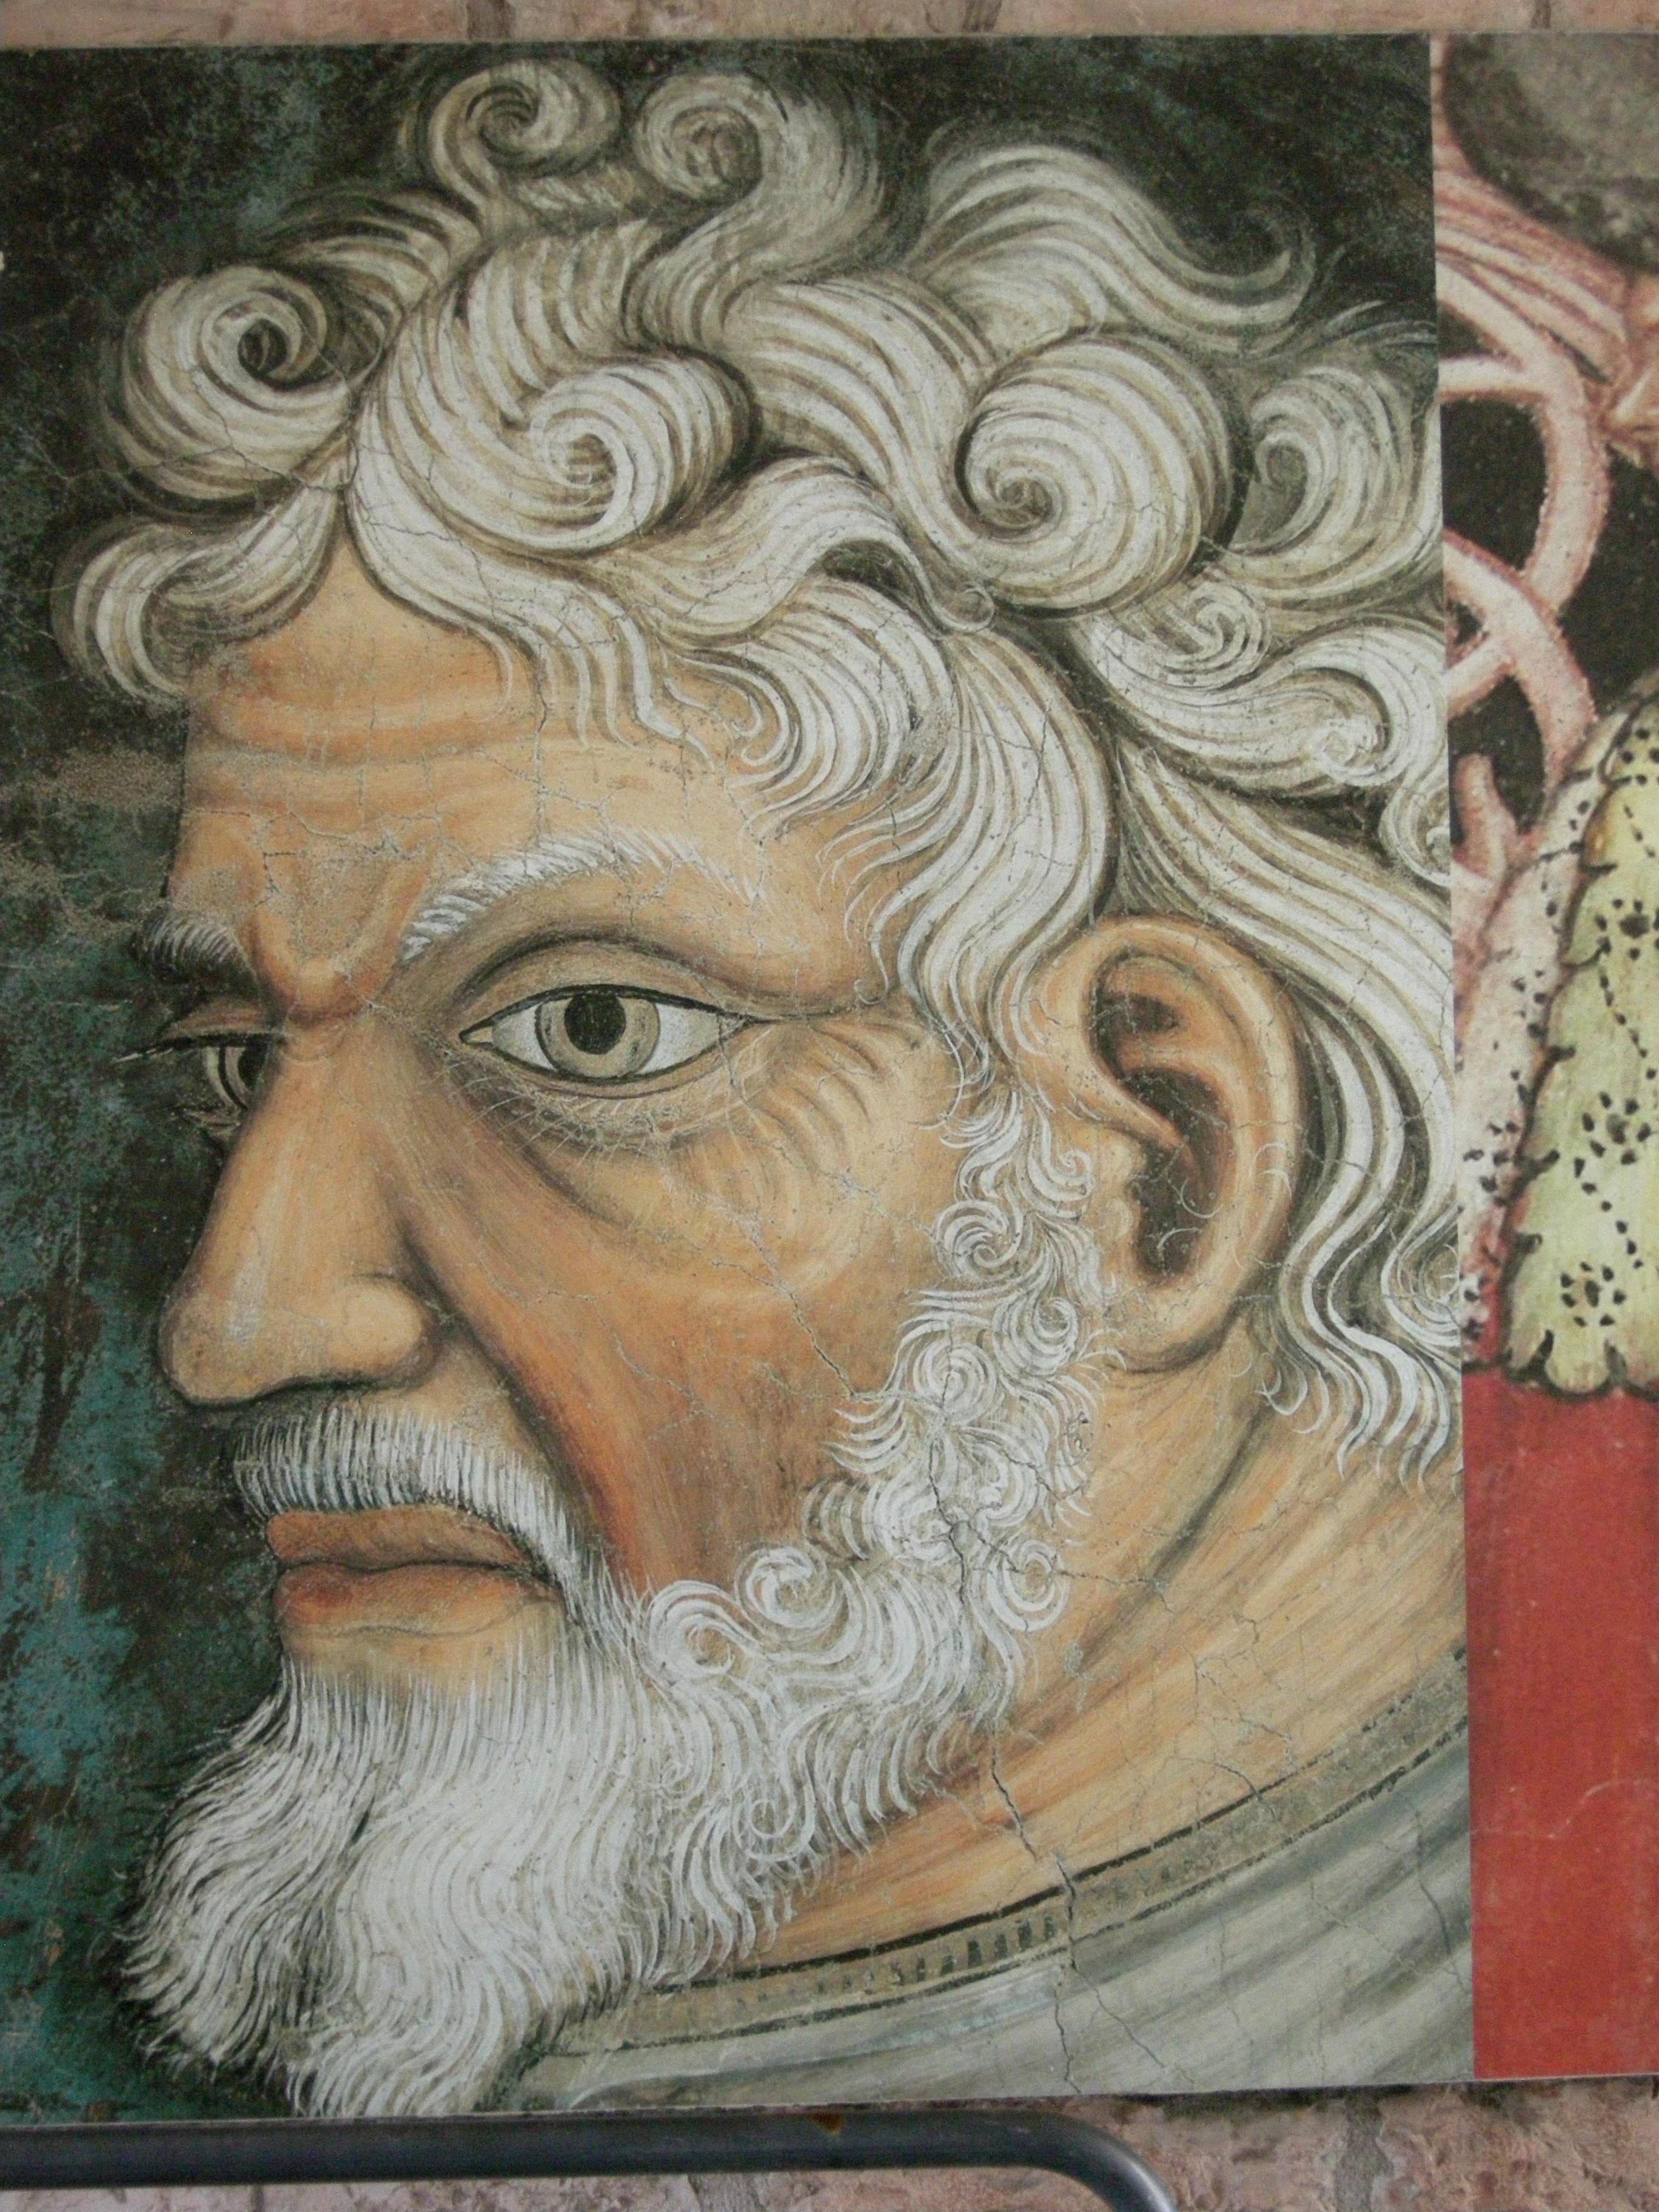 Fotoğraf Portre Duvar Yazısı Sakal Yaşlı Adam Boyama Yüz